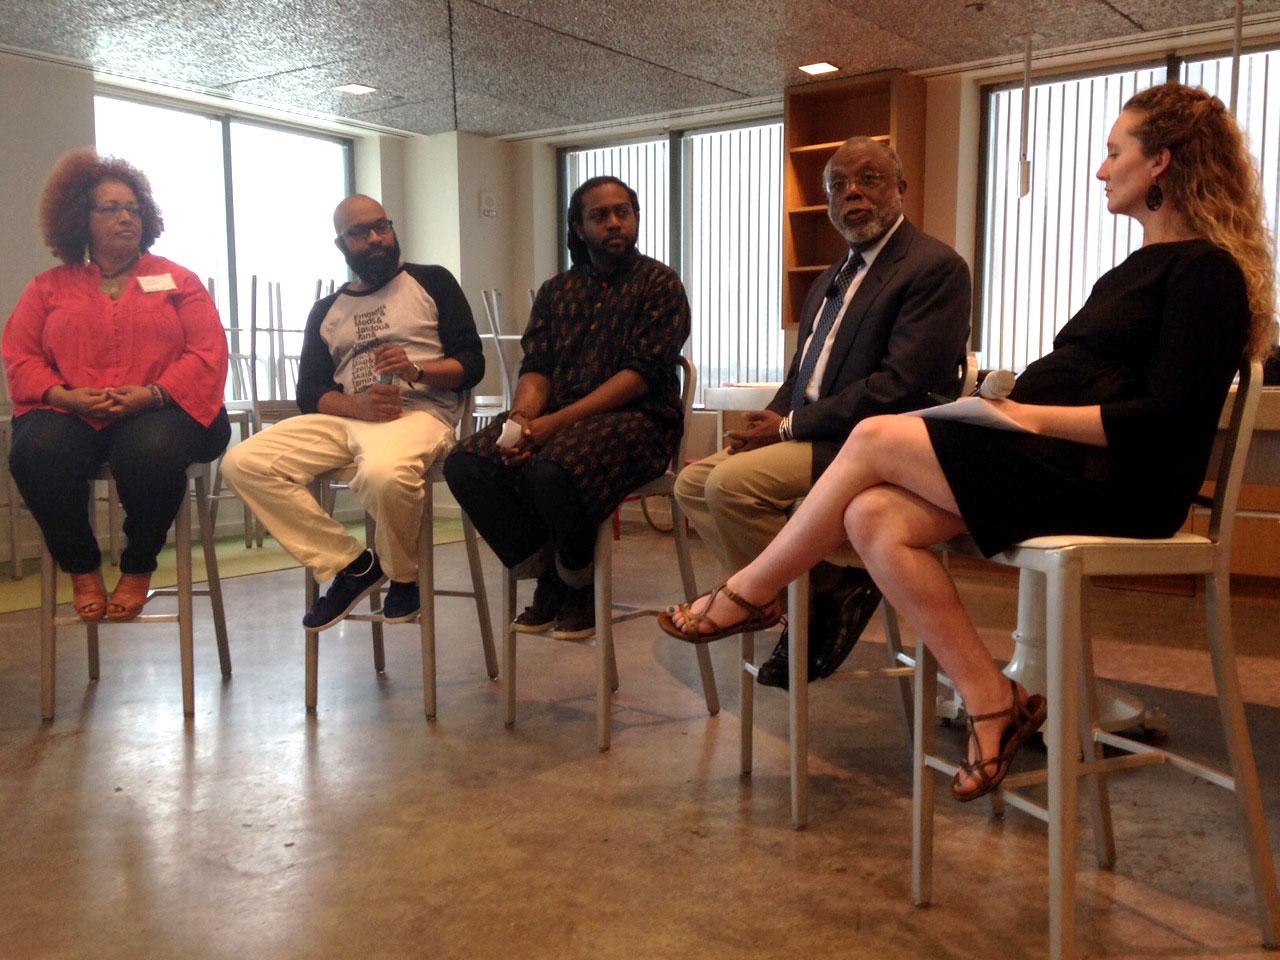 Panelists Susan Owusu, Jabari Asim, Terry Marshall, Ted Landsmark, and Laura Amico